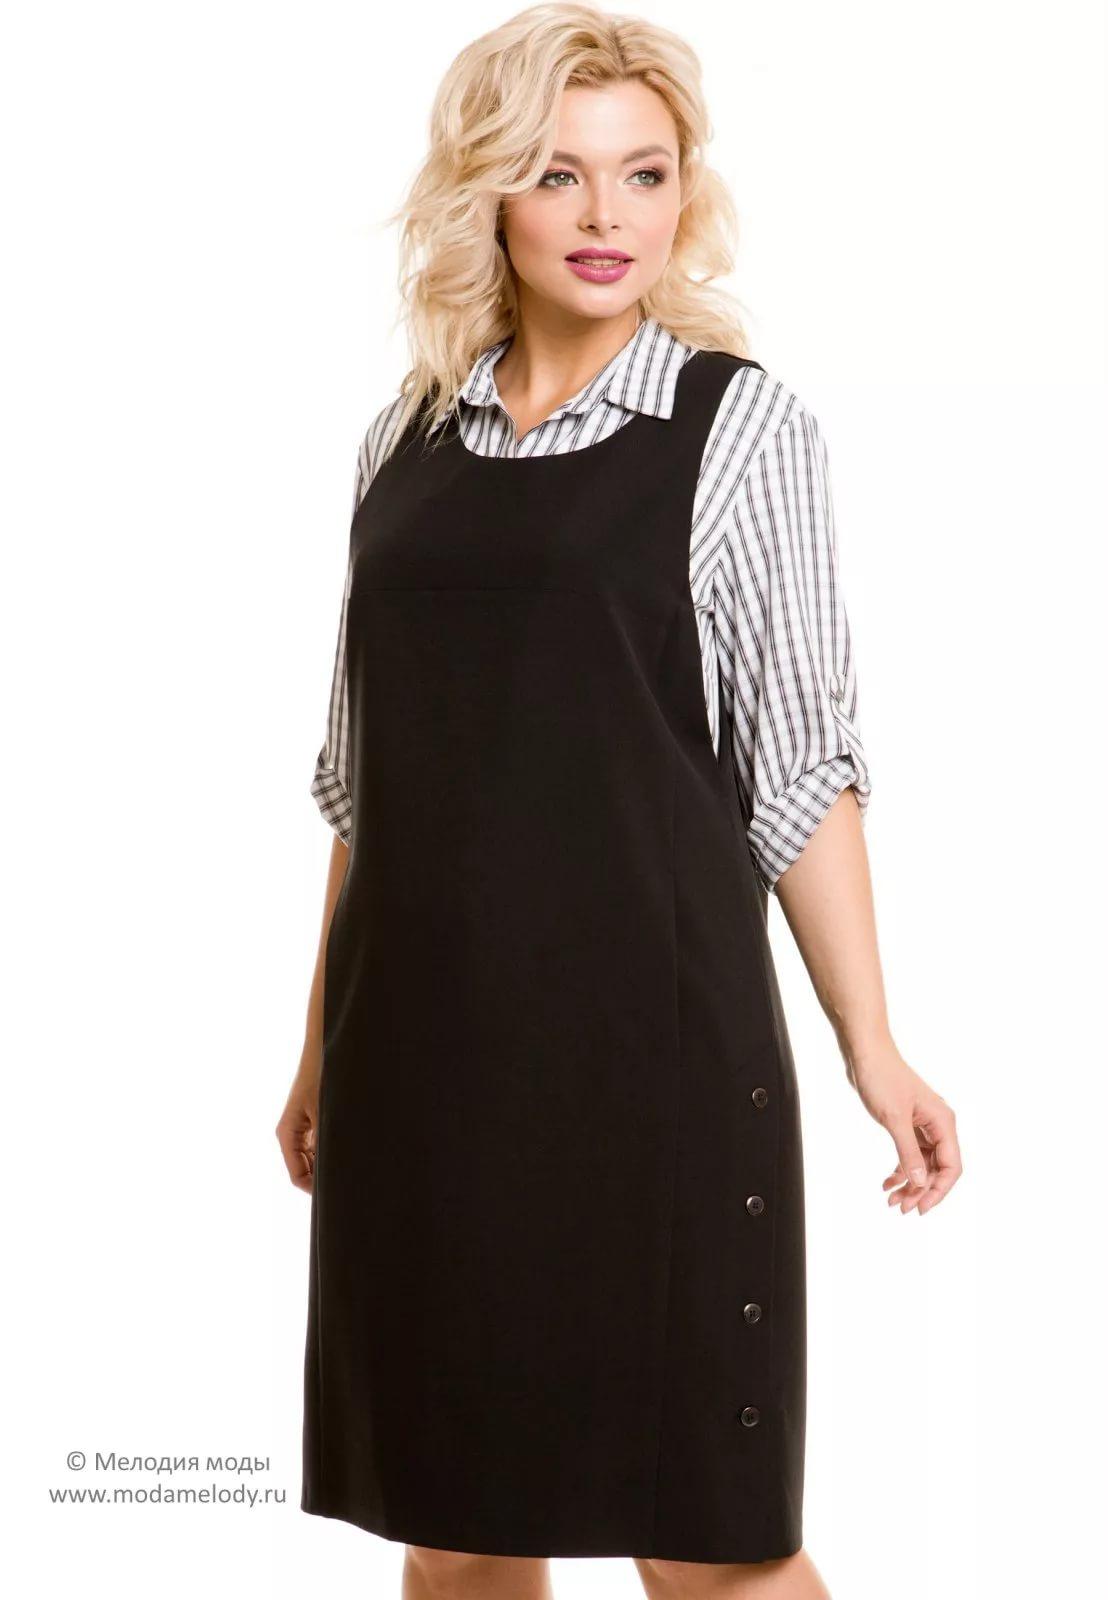 e23ab402b86 «Мелодия моды - интернет магазин одежды. Бесплатная доставка » — карточка  пользователя olenkazaripova в Яндекс.Коллекциях